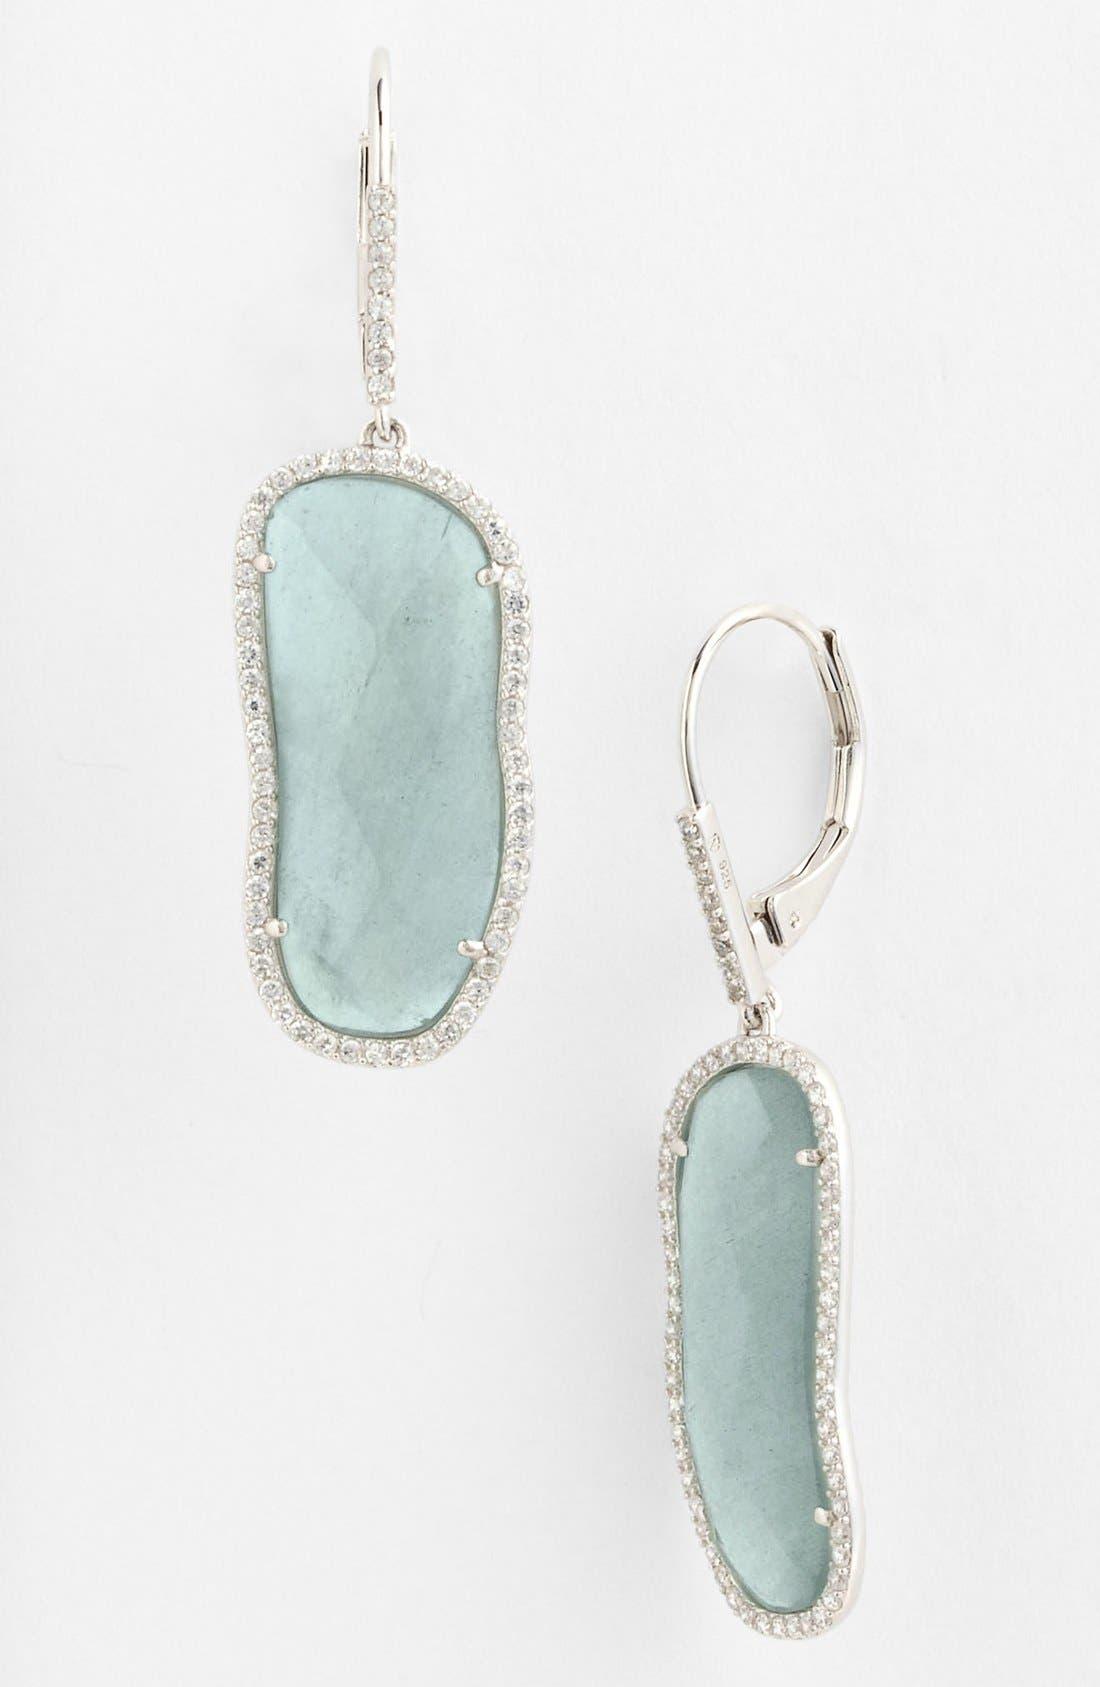 Alternate Image 1 Selected - Nadri Drop Earrings (Nordstrom Exclusive)